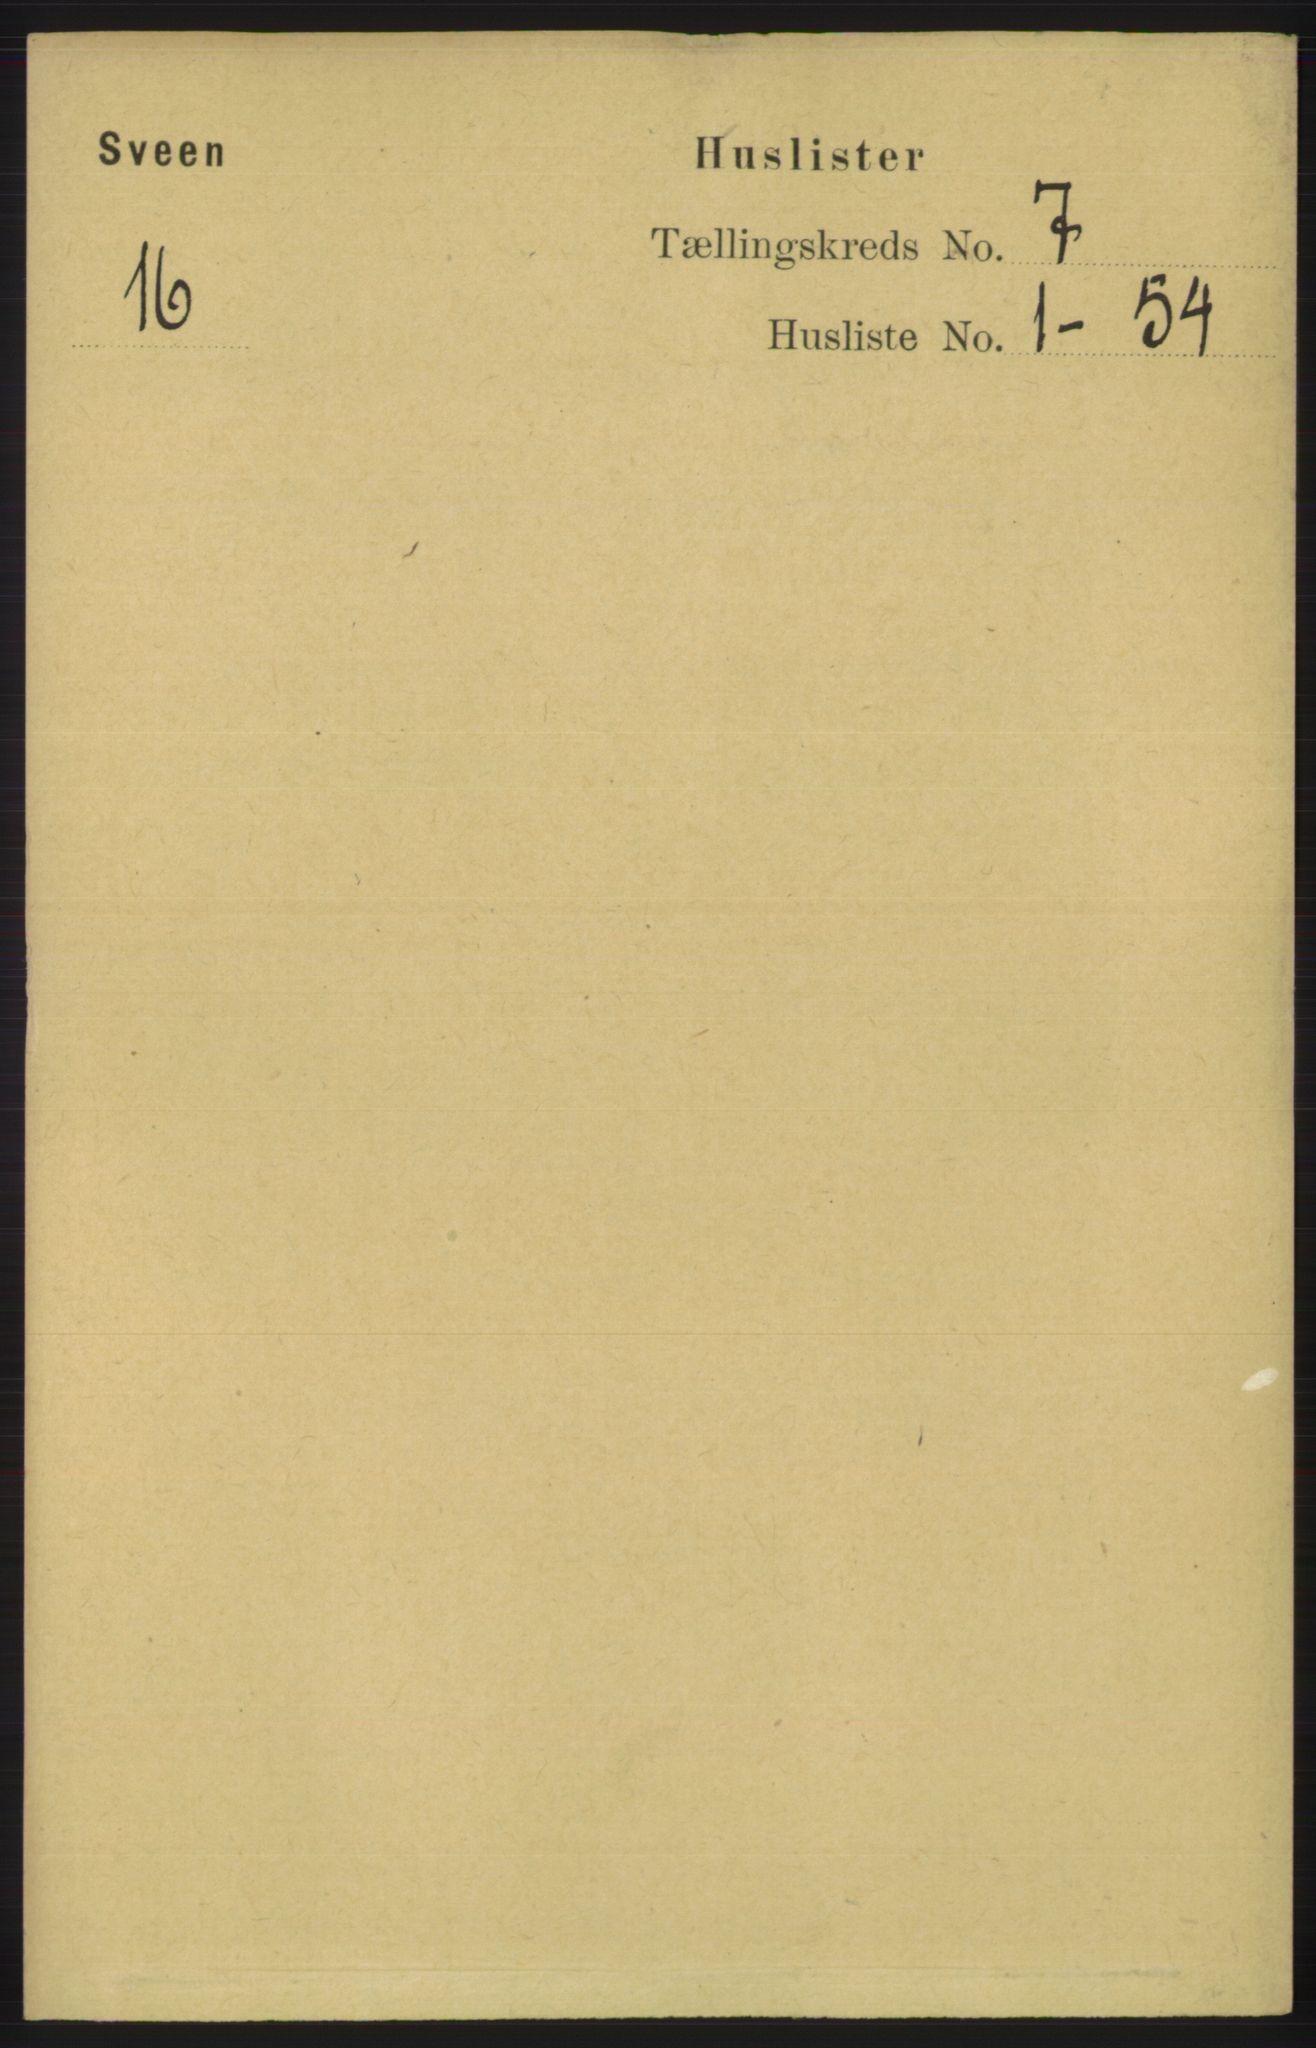 RA, Folketelling 1891 for 1216 Sveio herred, 1891, s. 1917